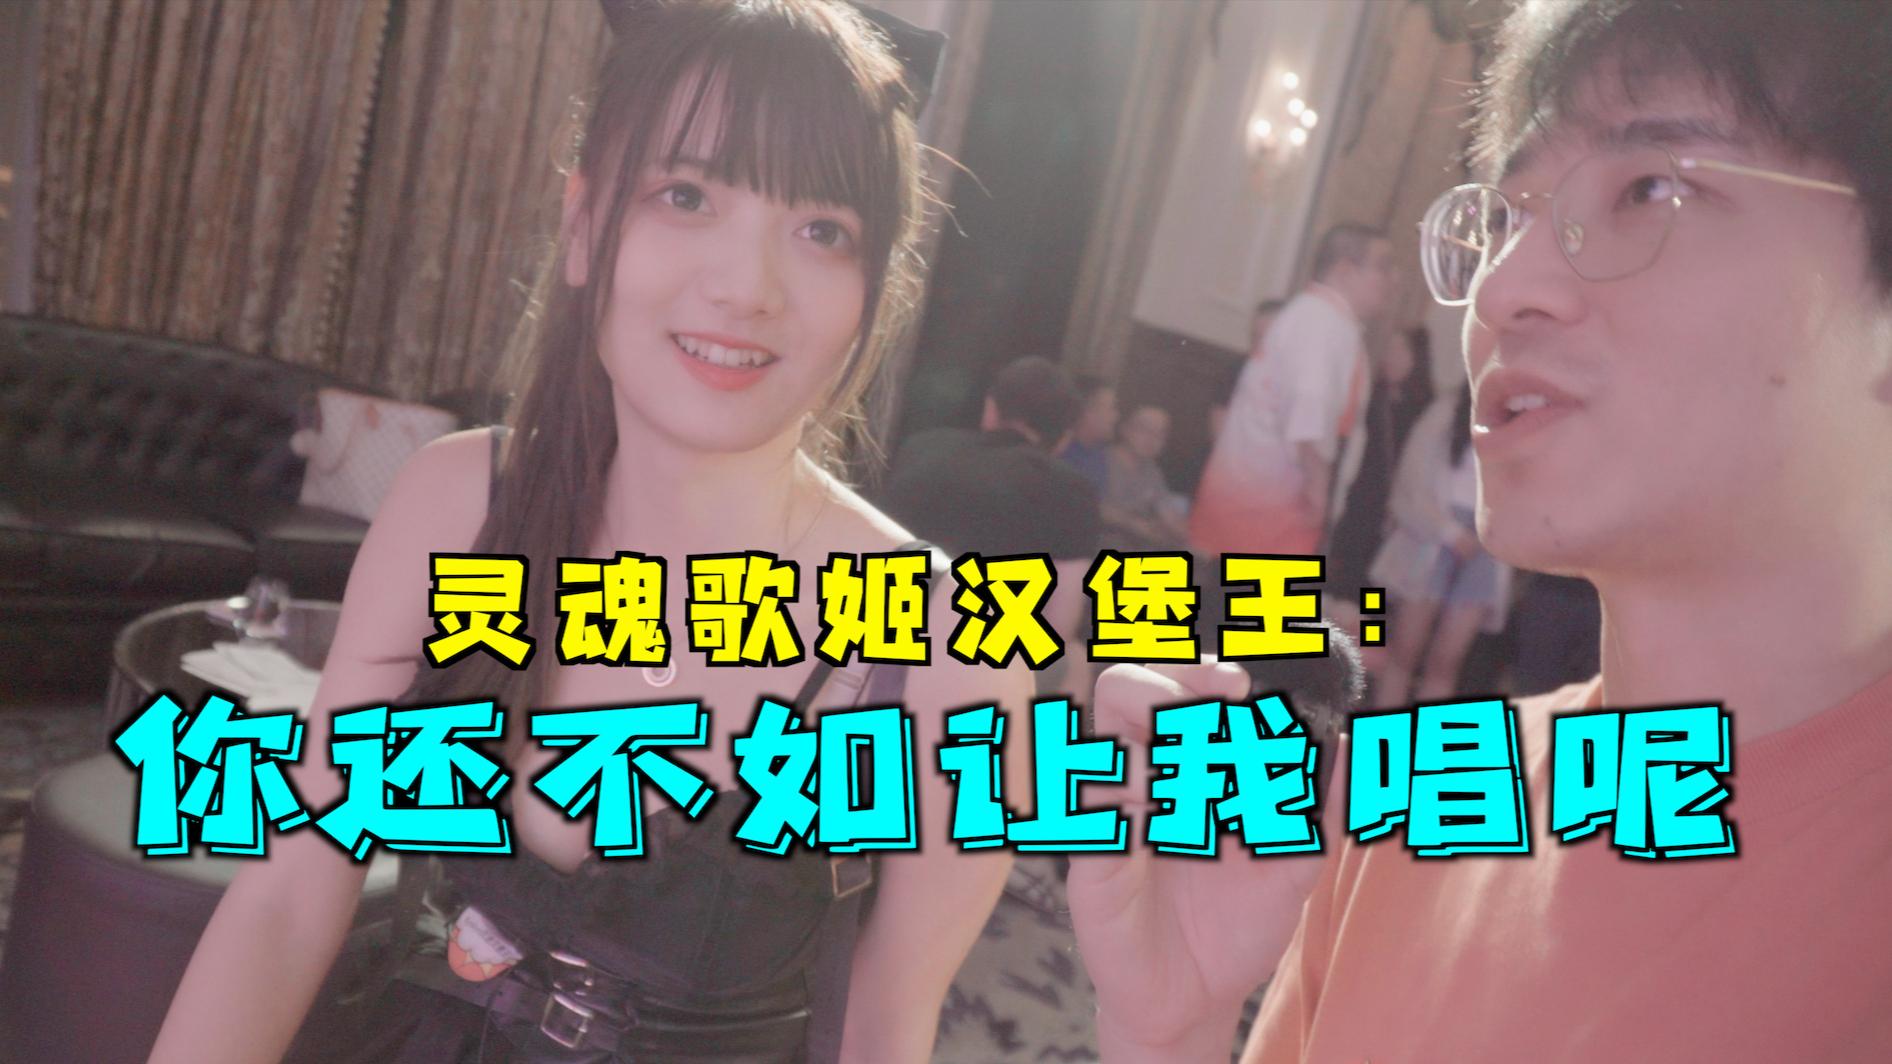 【乃】CJ访谈特辑#最终篇 诸葛/爽姐/楼姐/大哥/菲林/阿姨/阿琴